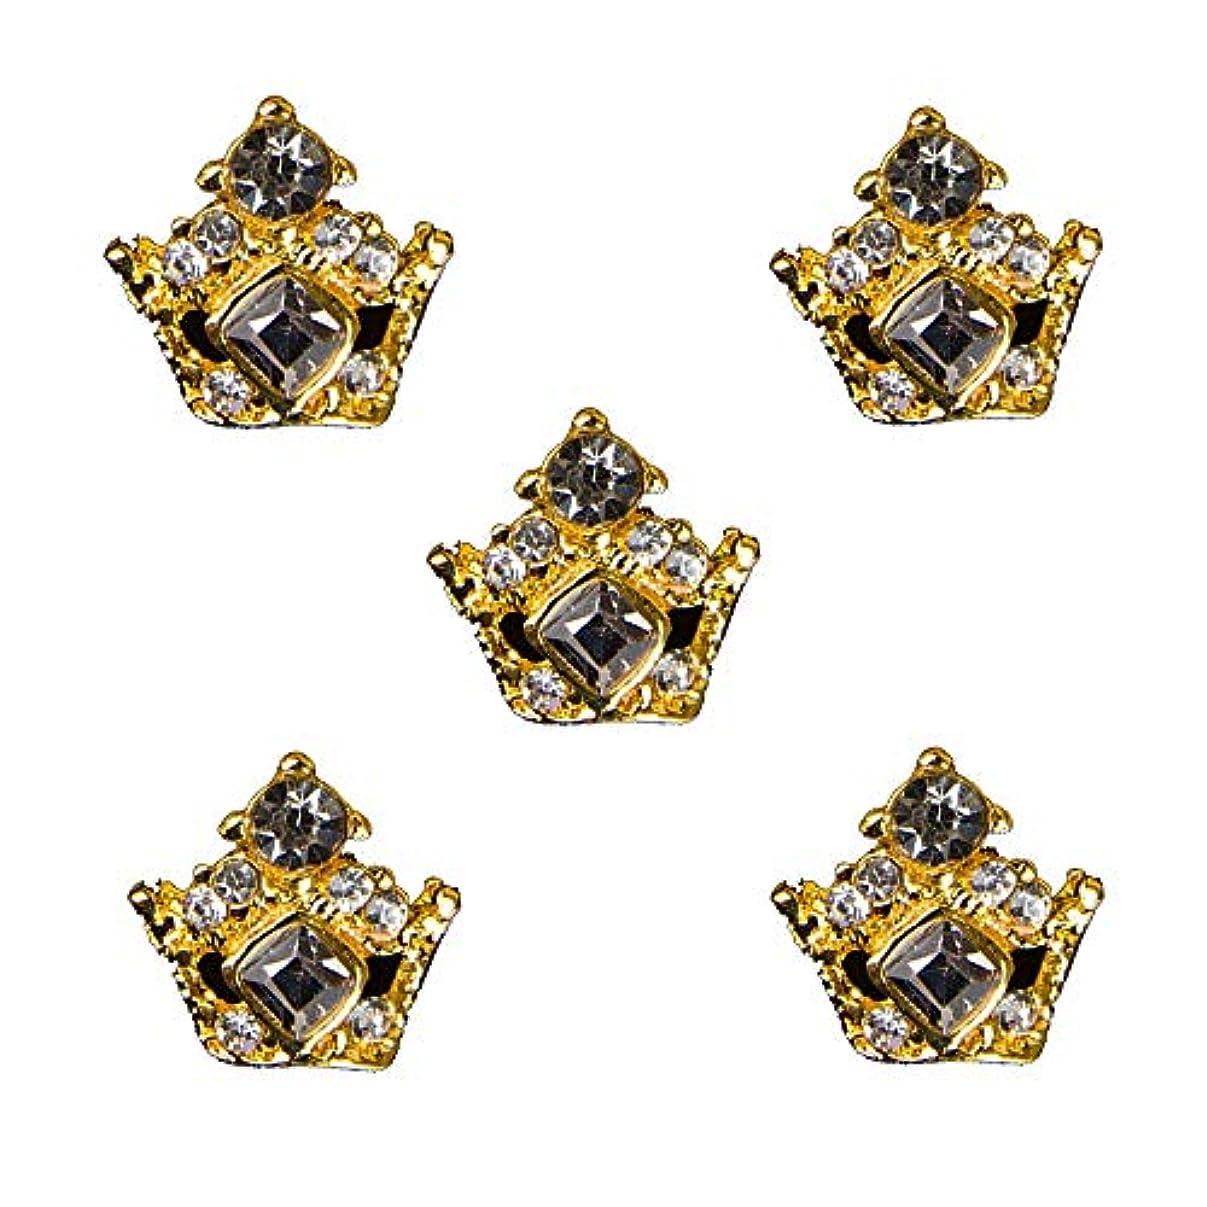 苦機知に富んだ有能なネイルクラウン用10個入りラインストーンは、マニキュアの3DネイルアートデコレーションアクセサリーOngleグリッターネイル宝石合金デコレーションデザイン